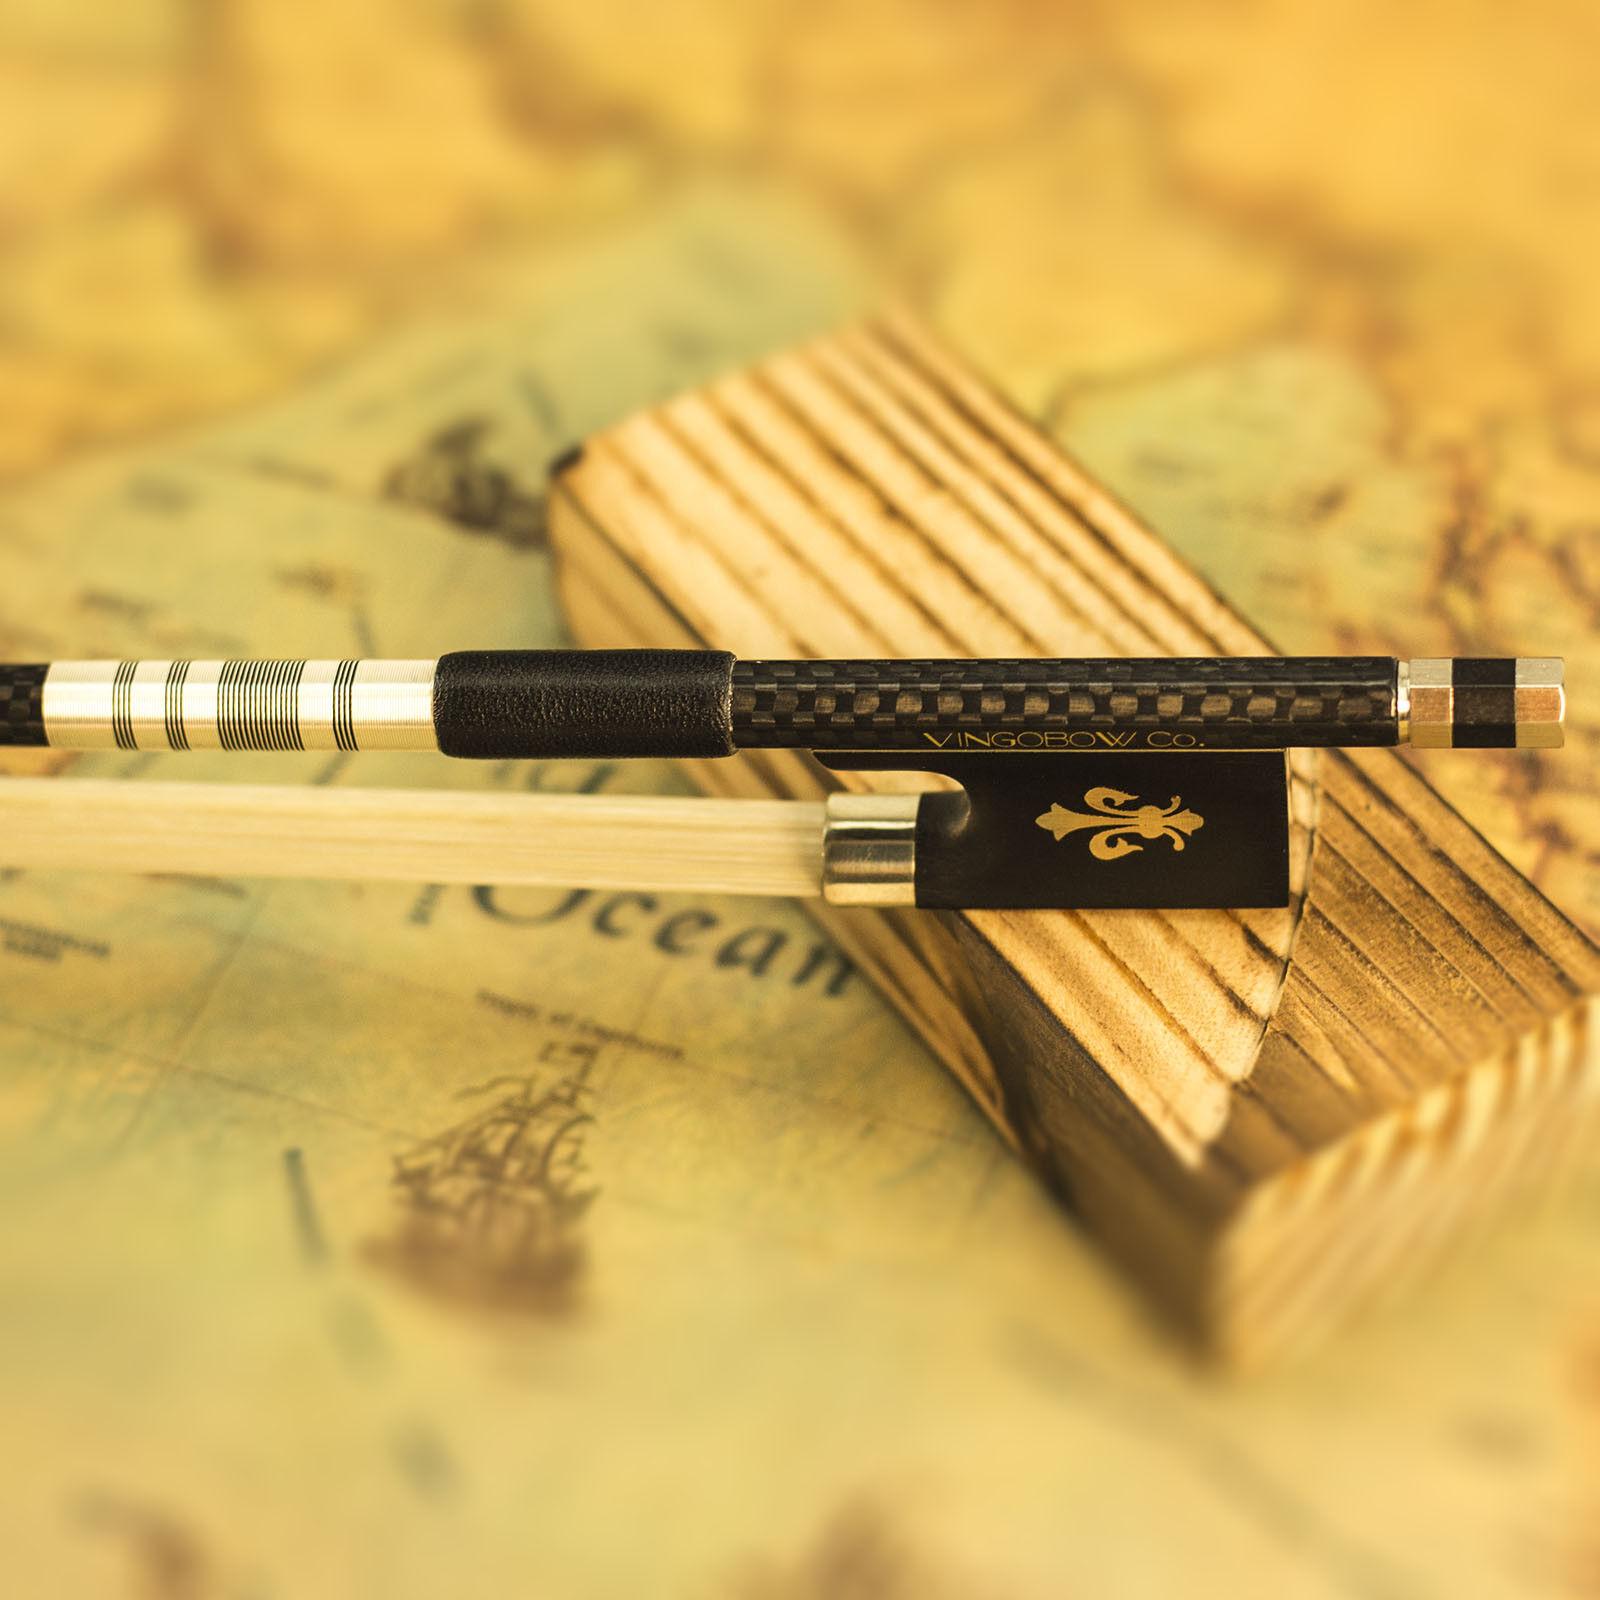 Arco per violino in fibra di carbonio intrecciato per giocatori professionisti